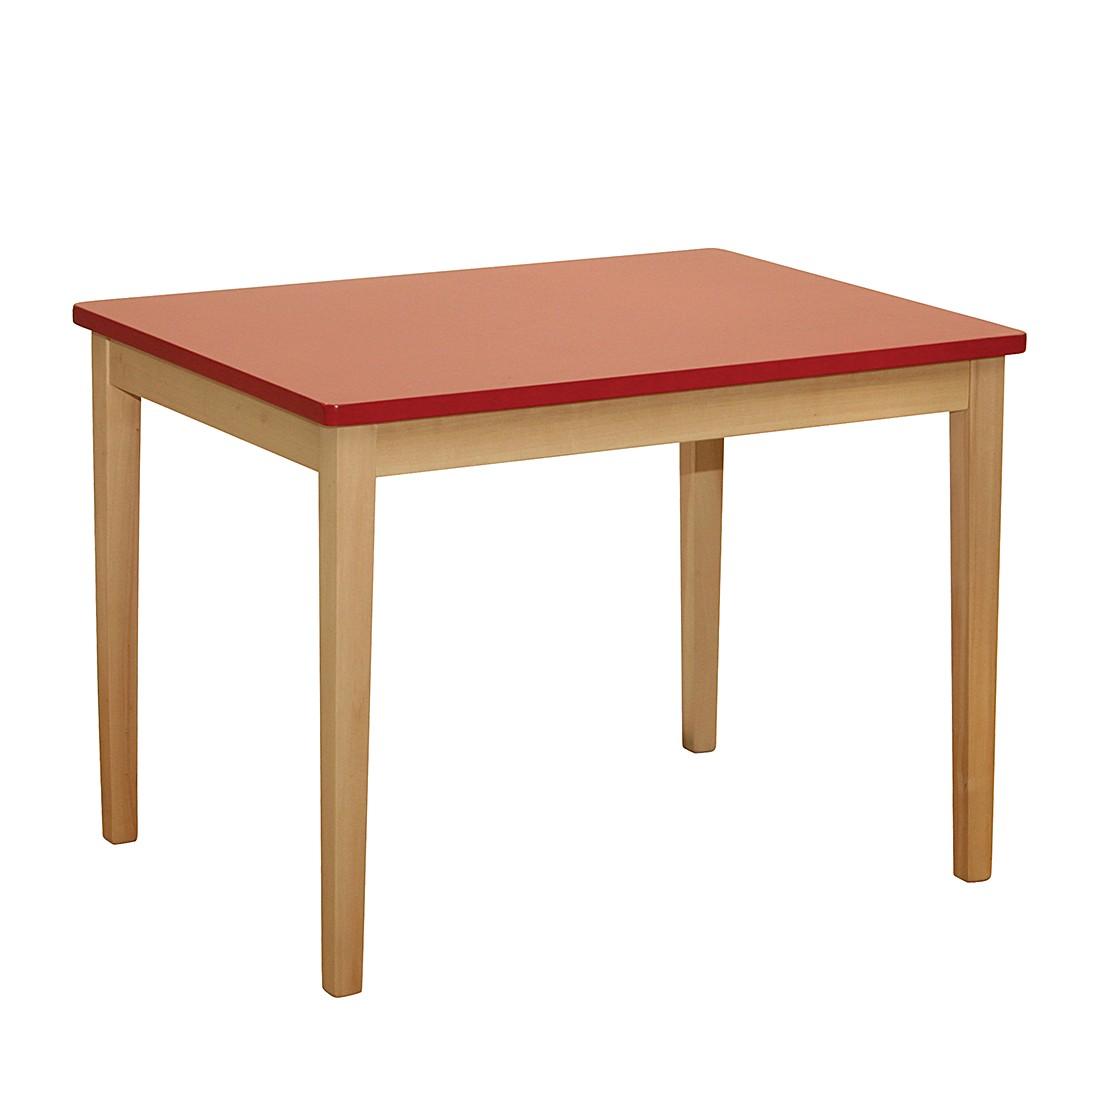 home24 Kindertisch Purus   Kinderzimmer > Kindertische   Beige   Holz - Holzwerkstoff   Roba